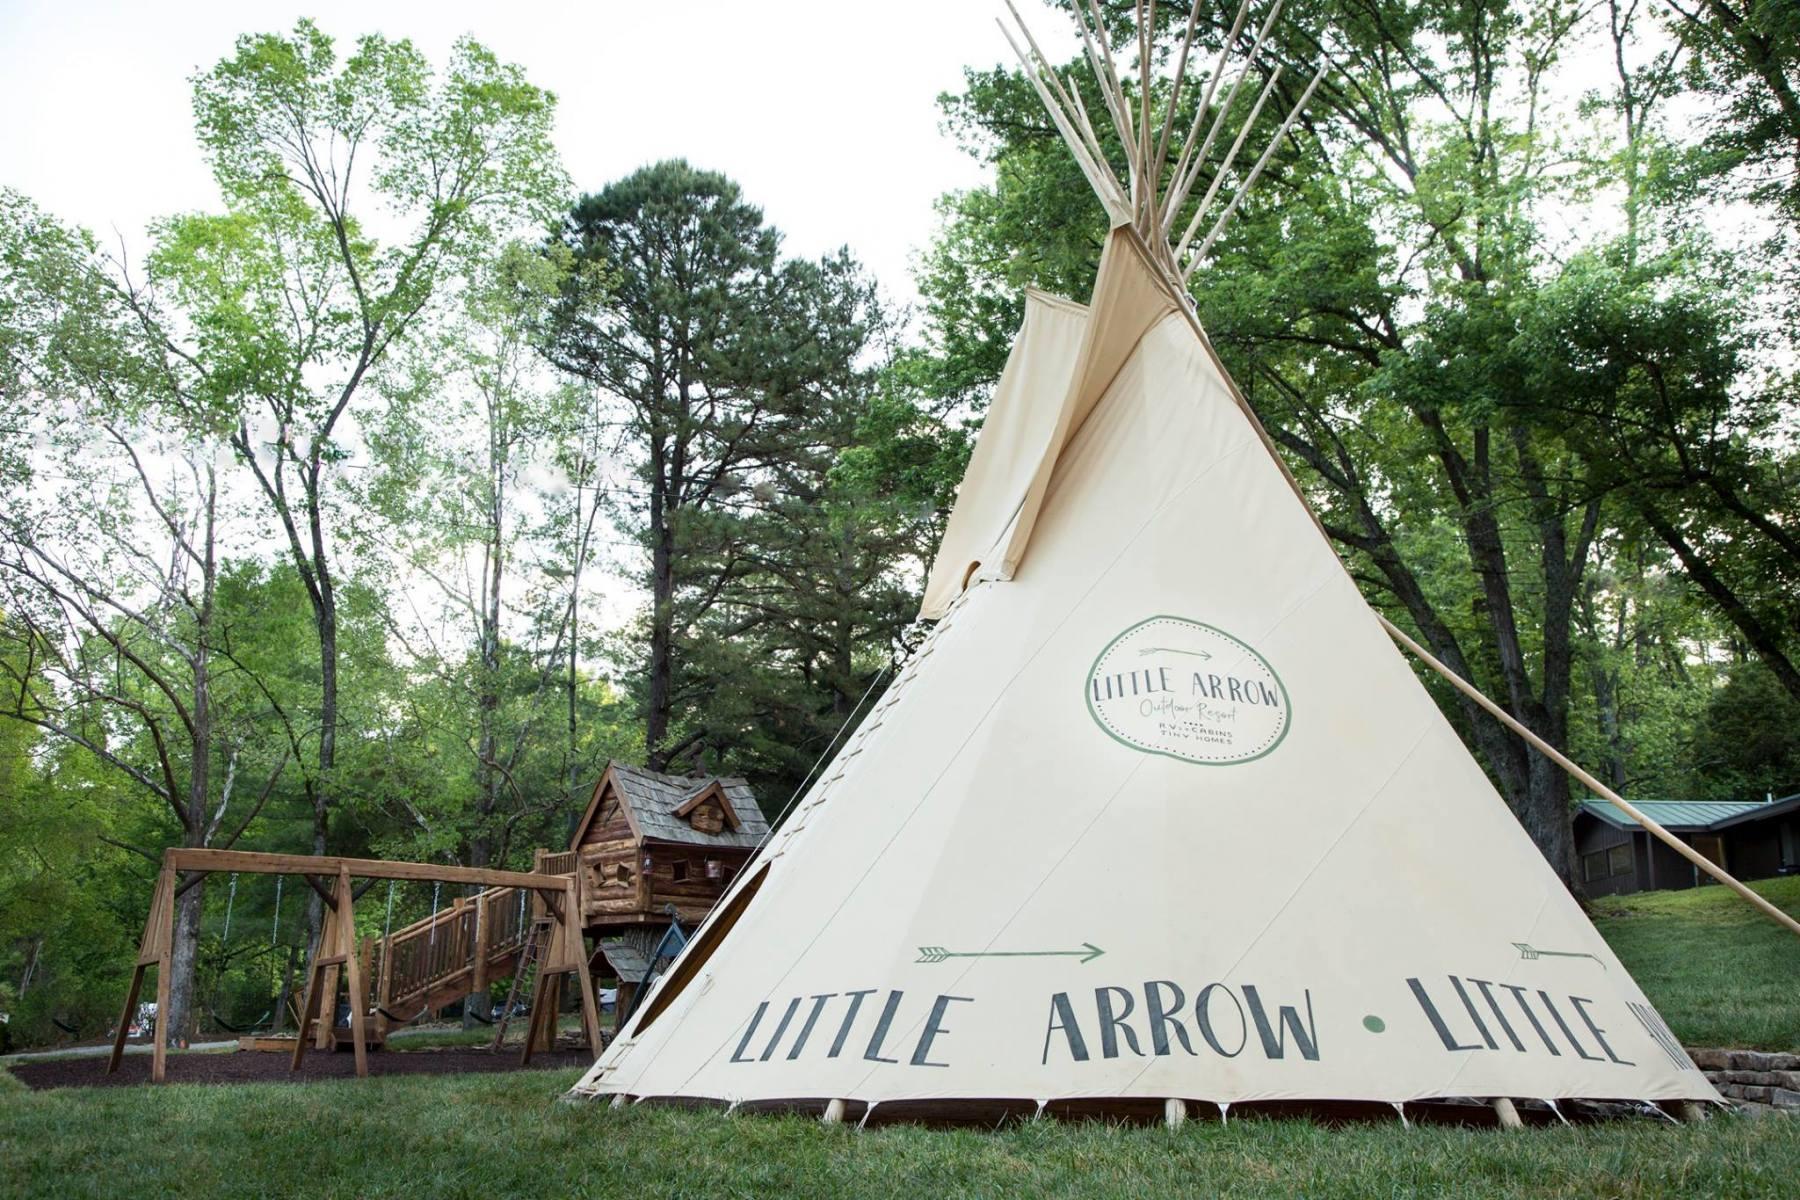 Little-Arrow_Tipi